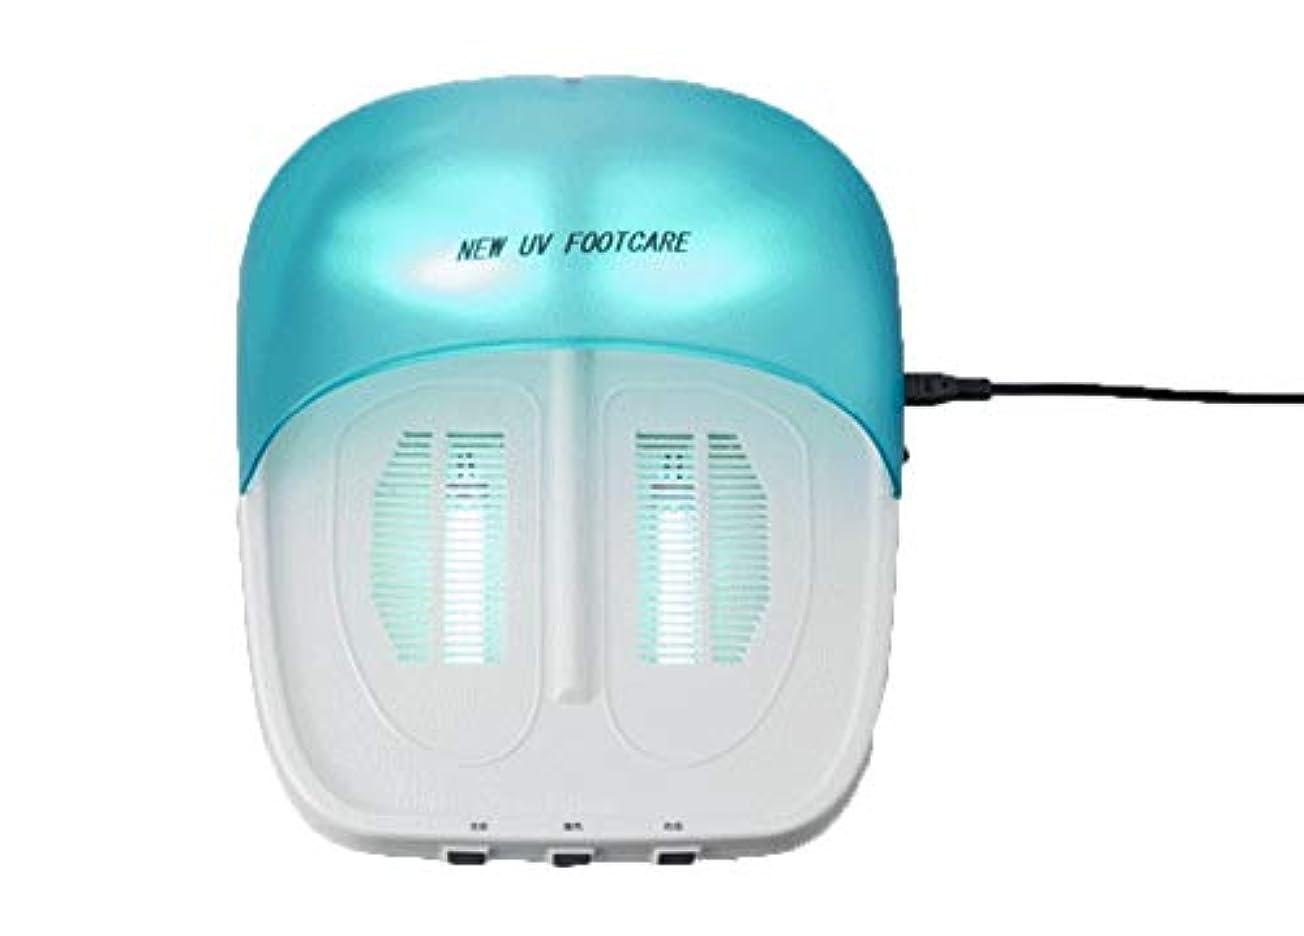 偏心ムスイル家庭用紫外線治療器 UVフットケア